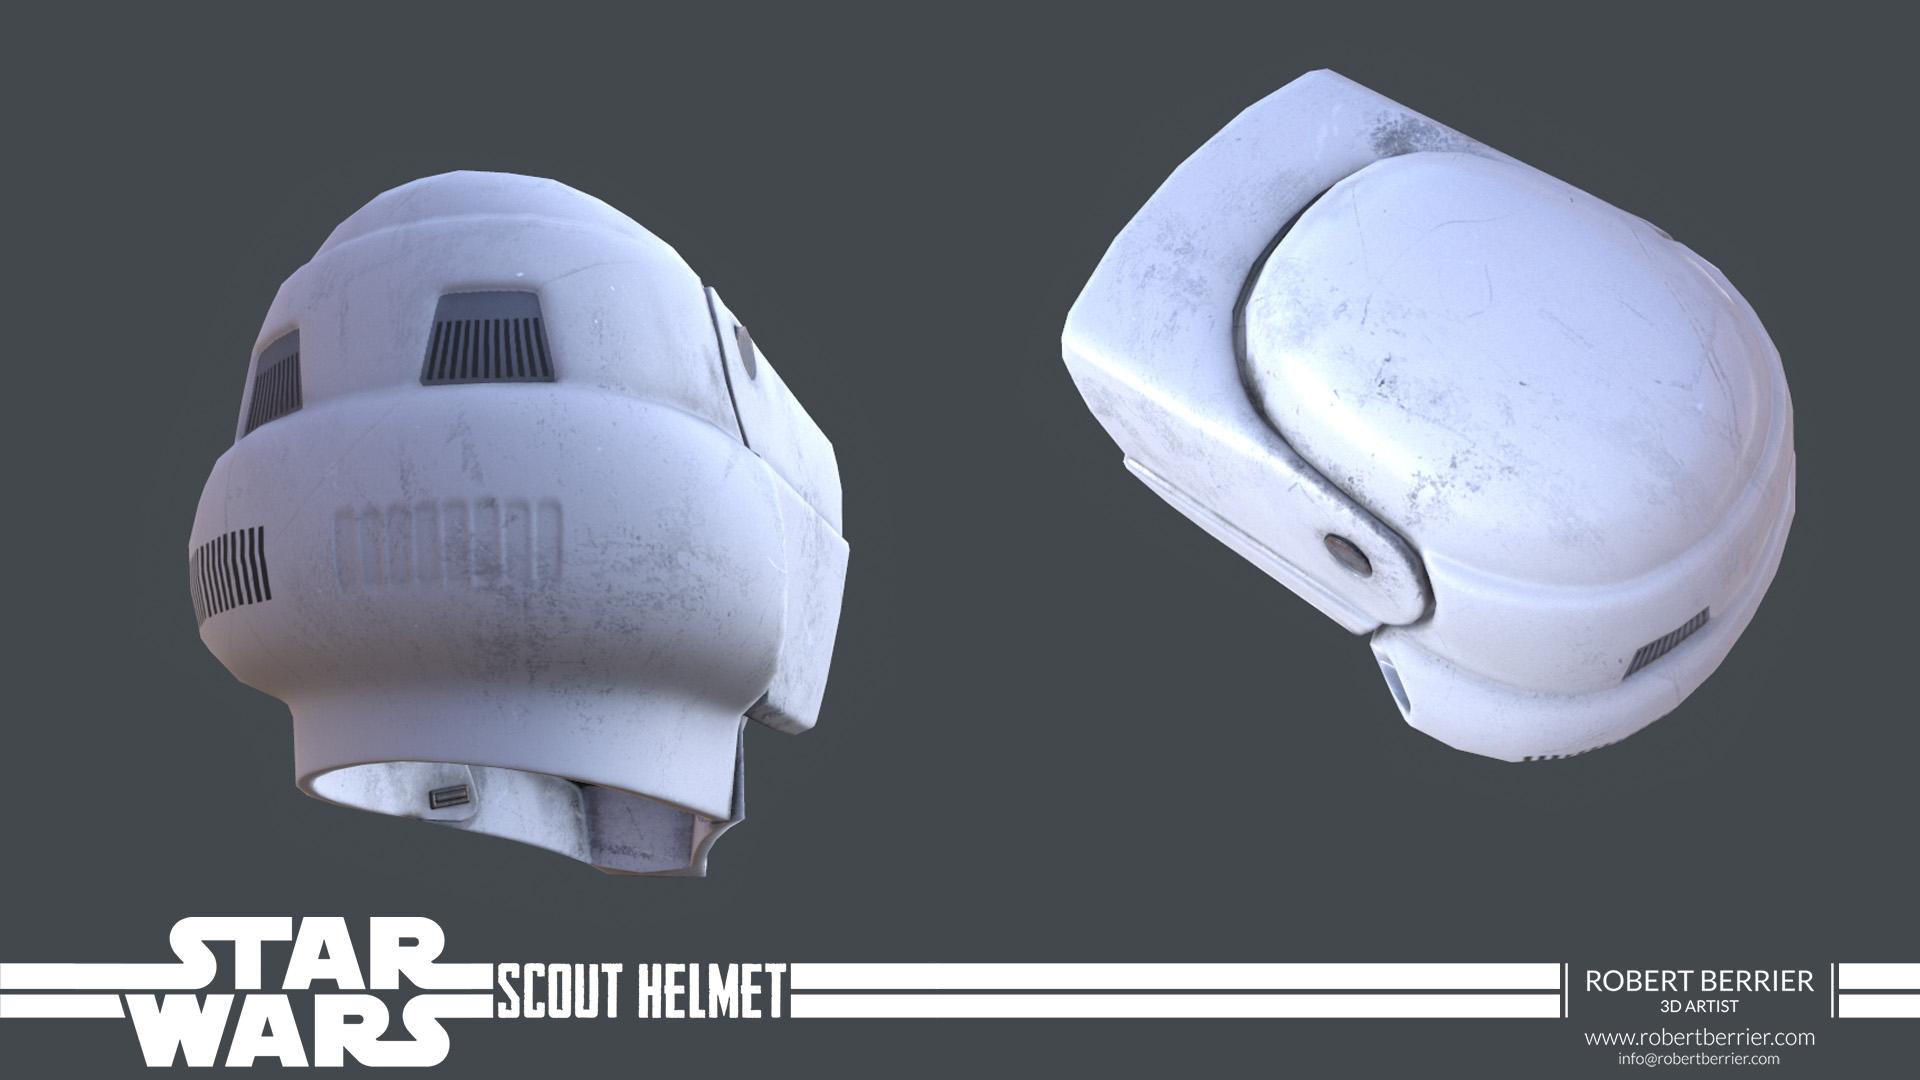 Robert Berrier - Star Wars Scout Helmet 02